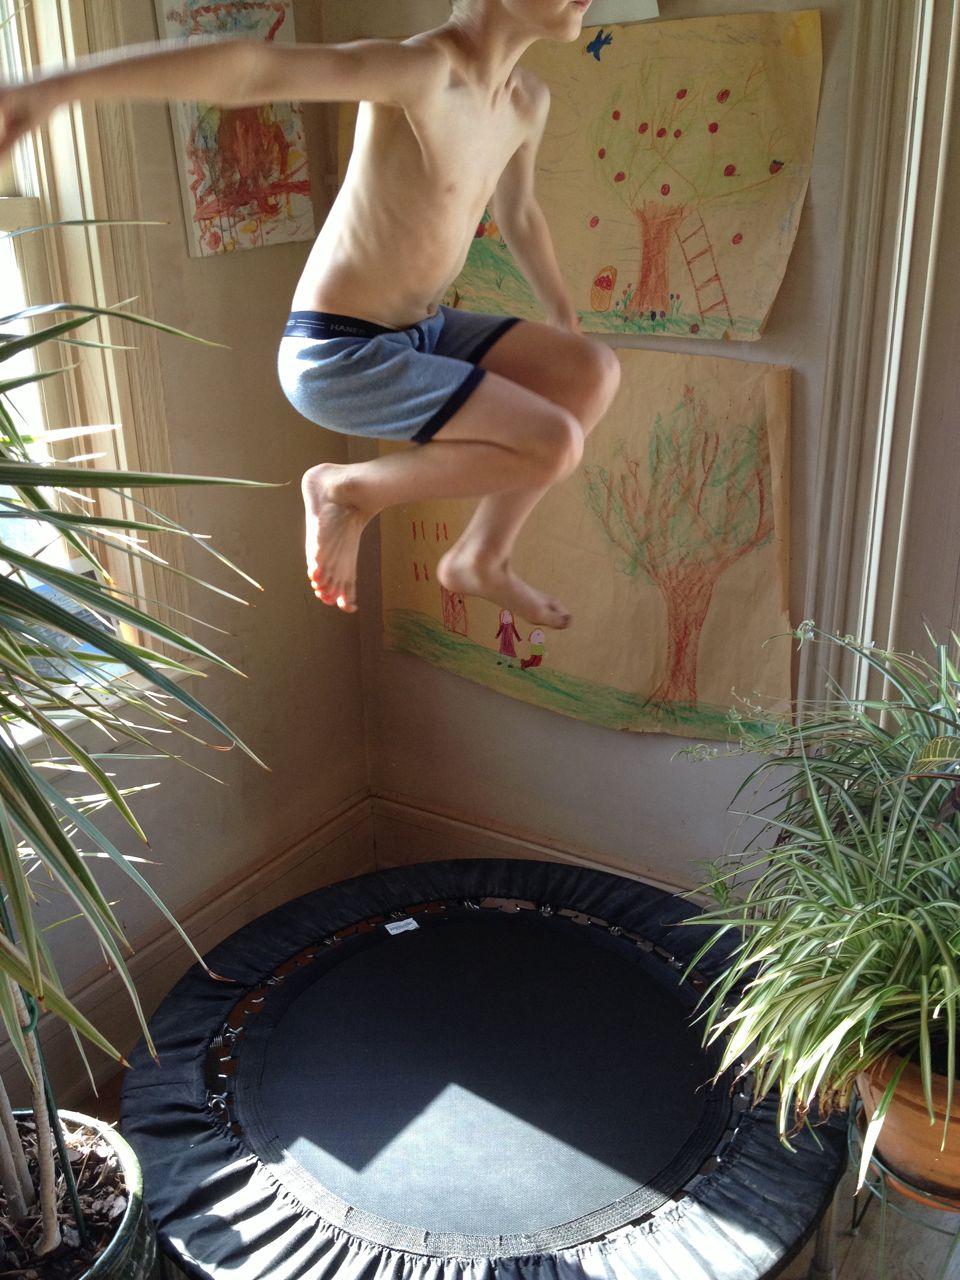 bouncyboy